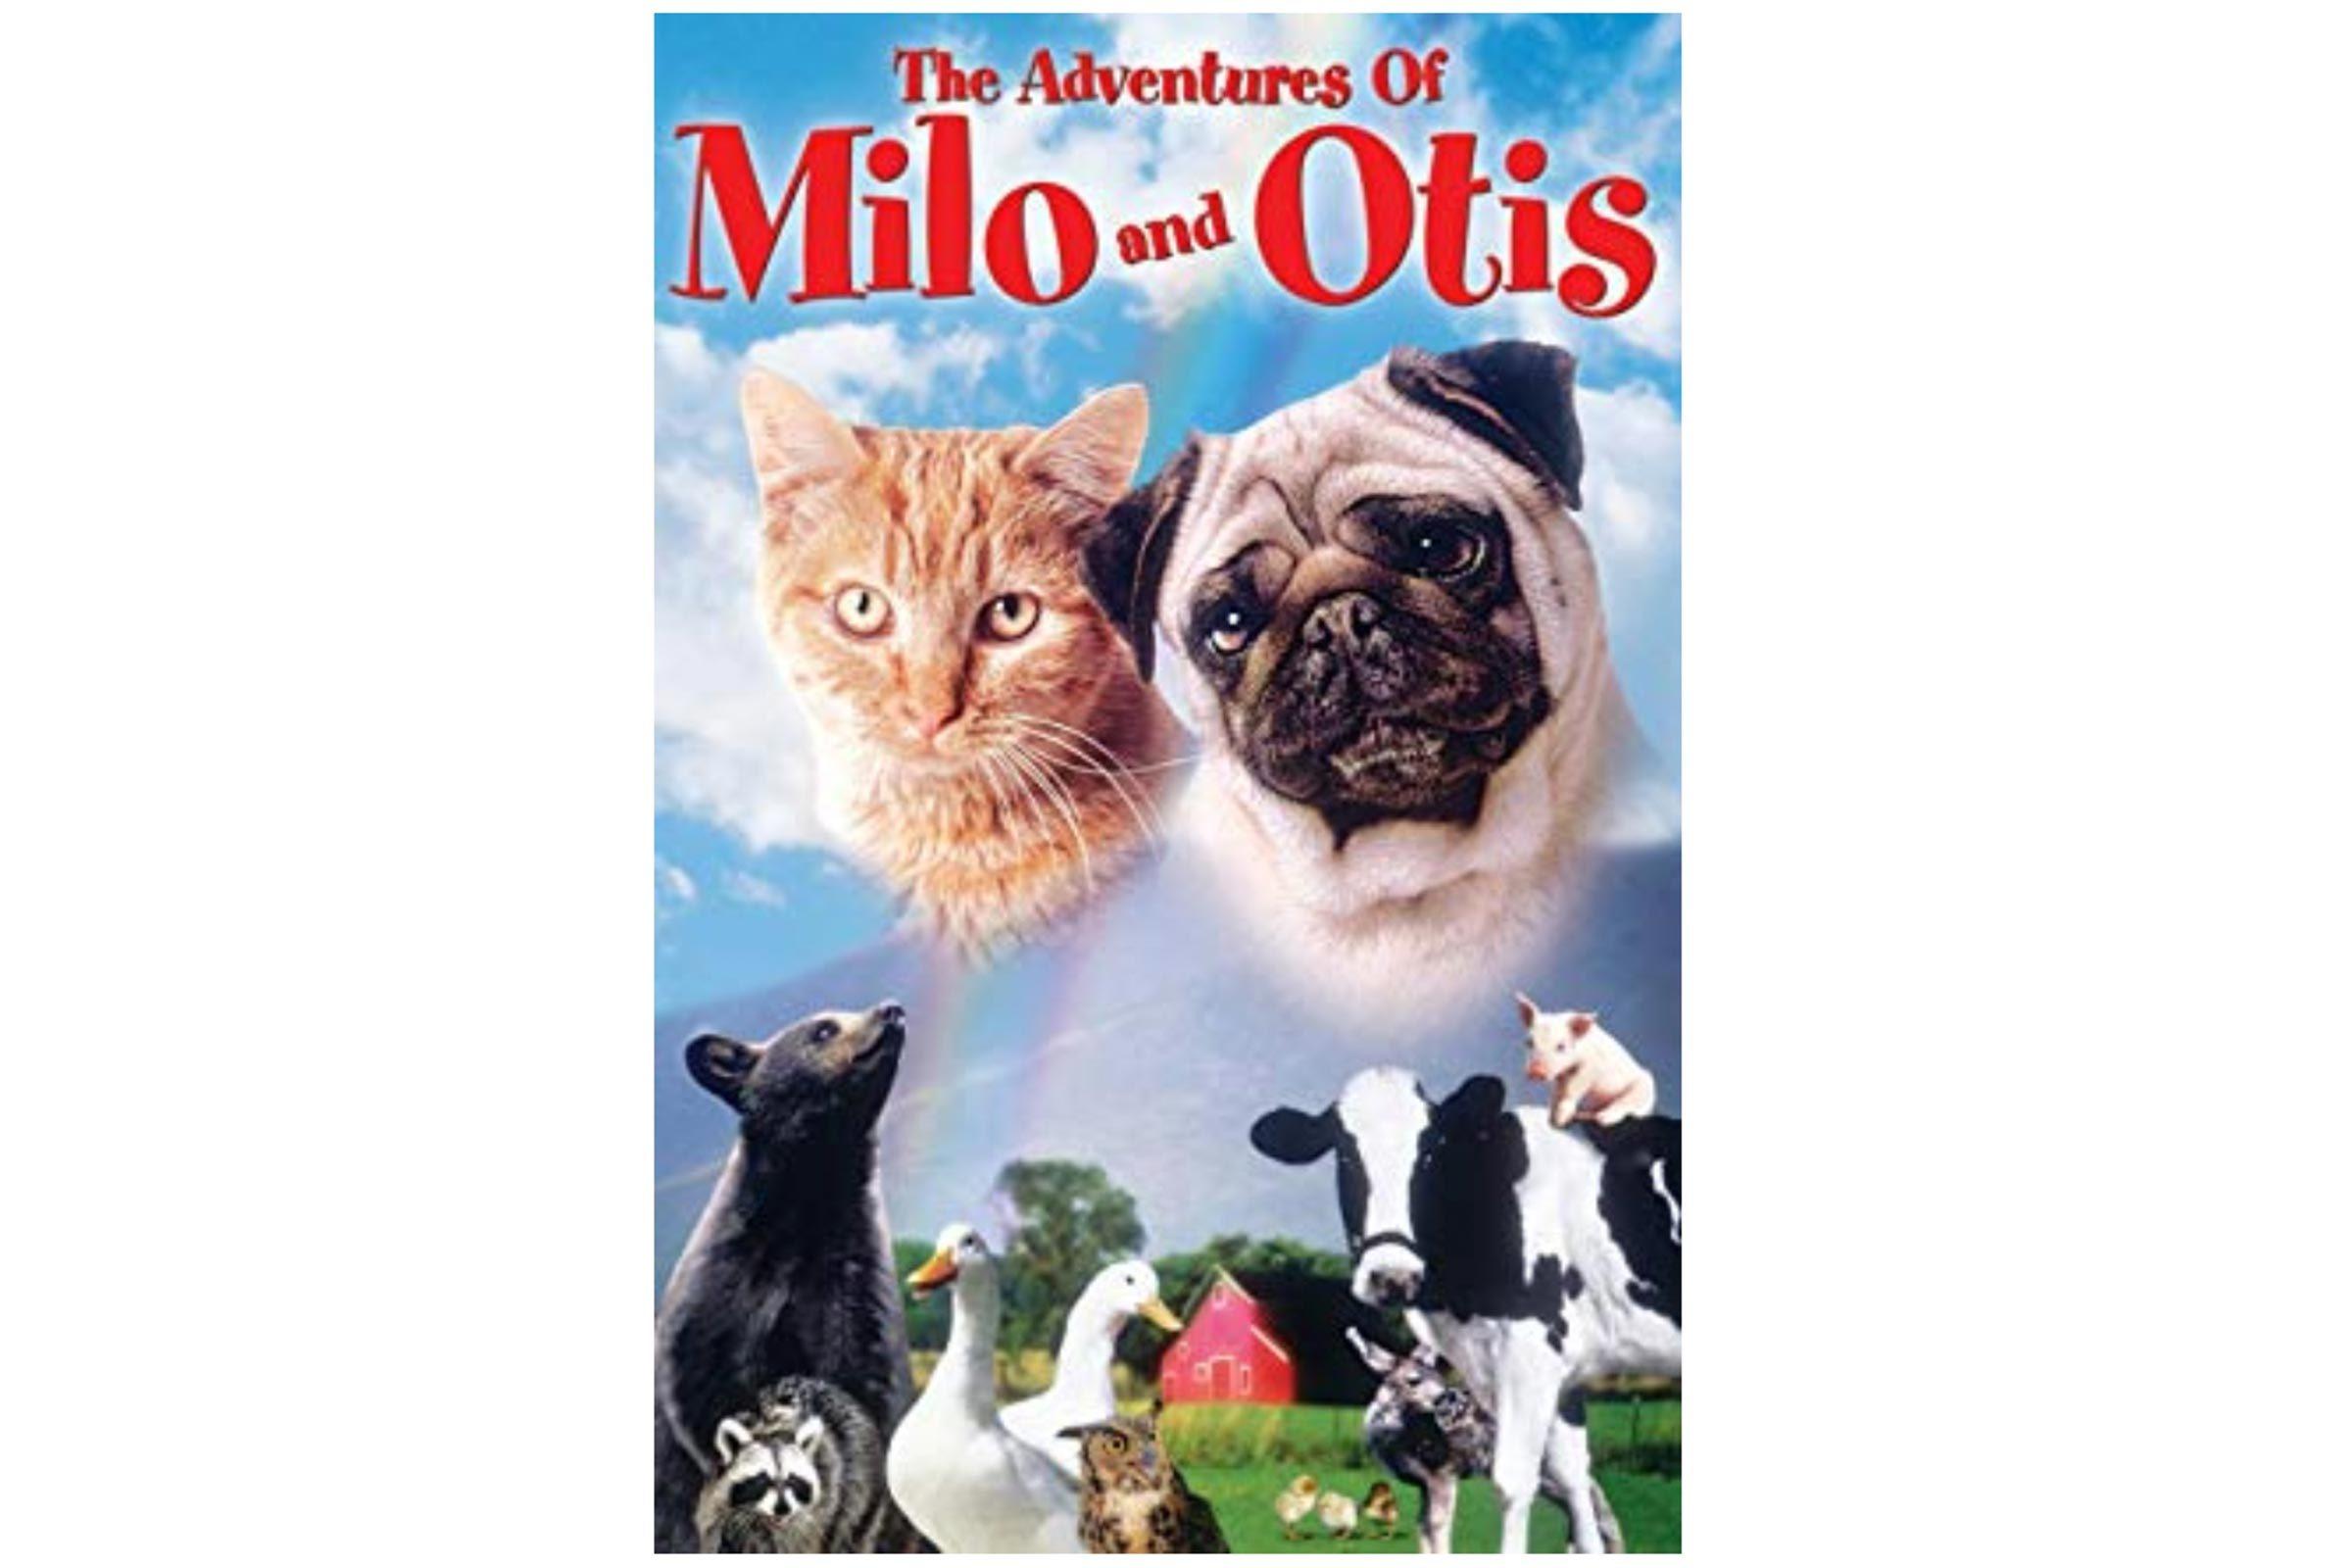 03_The Adventures of Milo and Otis1